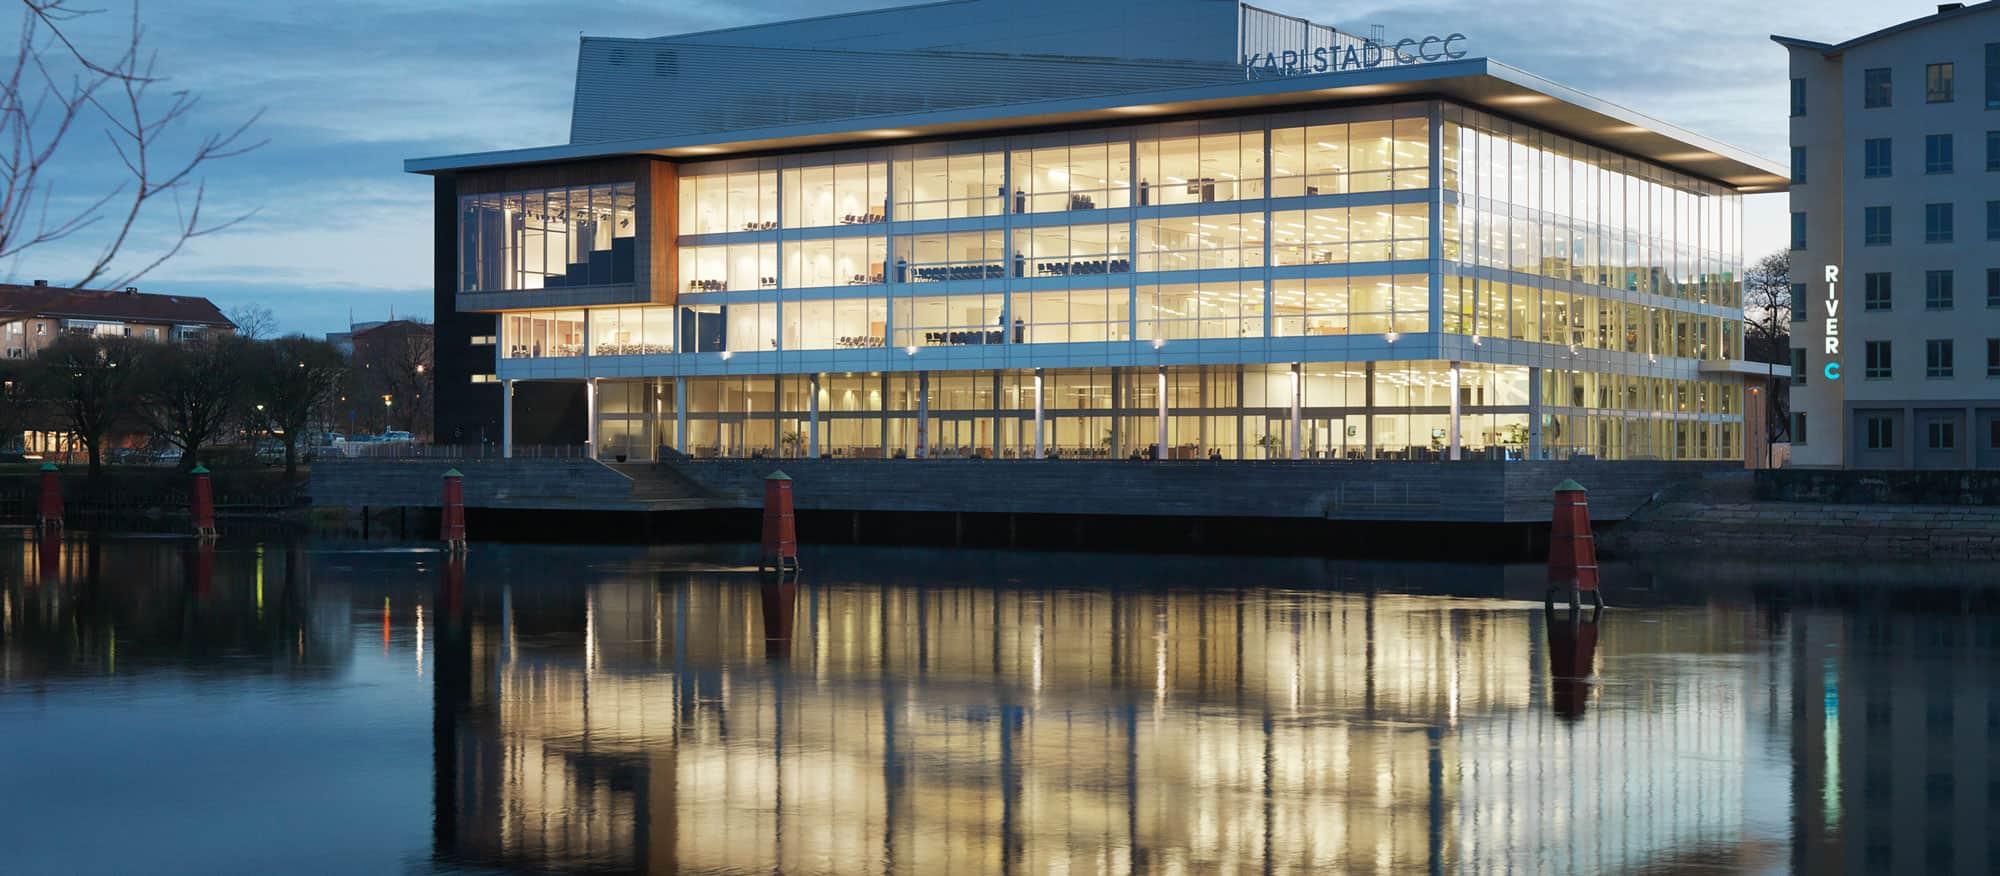 Karlstad prisas för sin arkitektur – igen